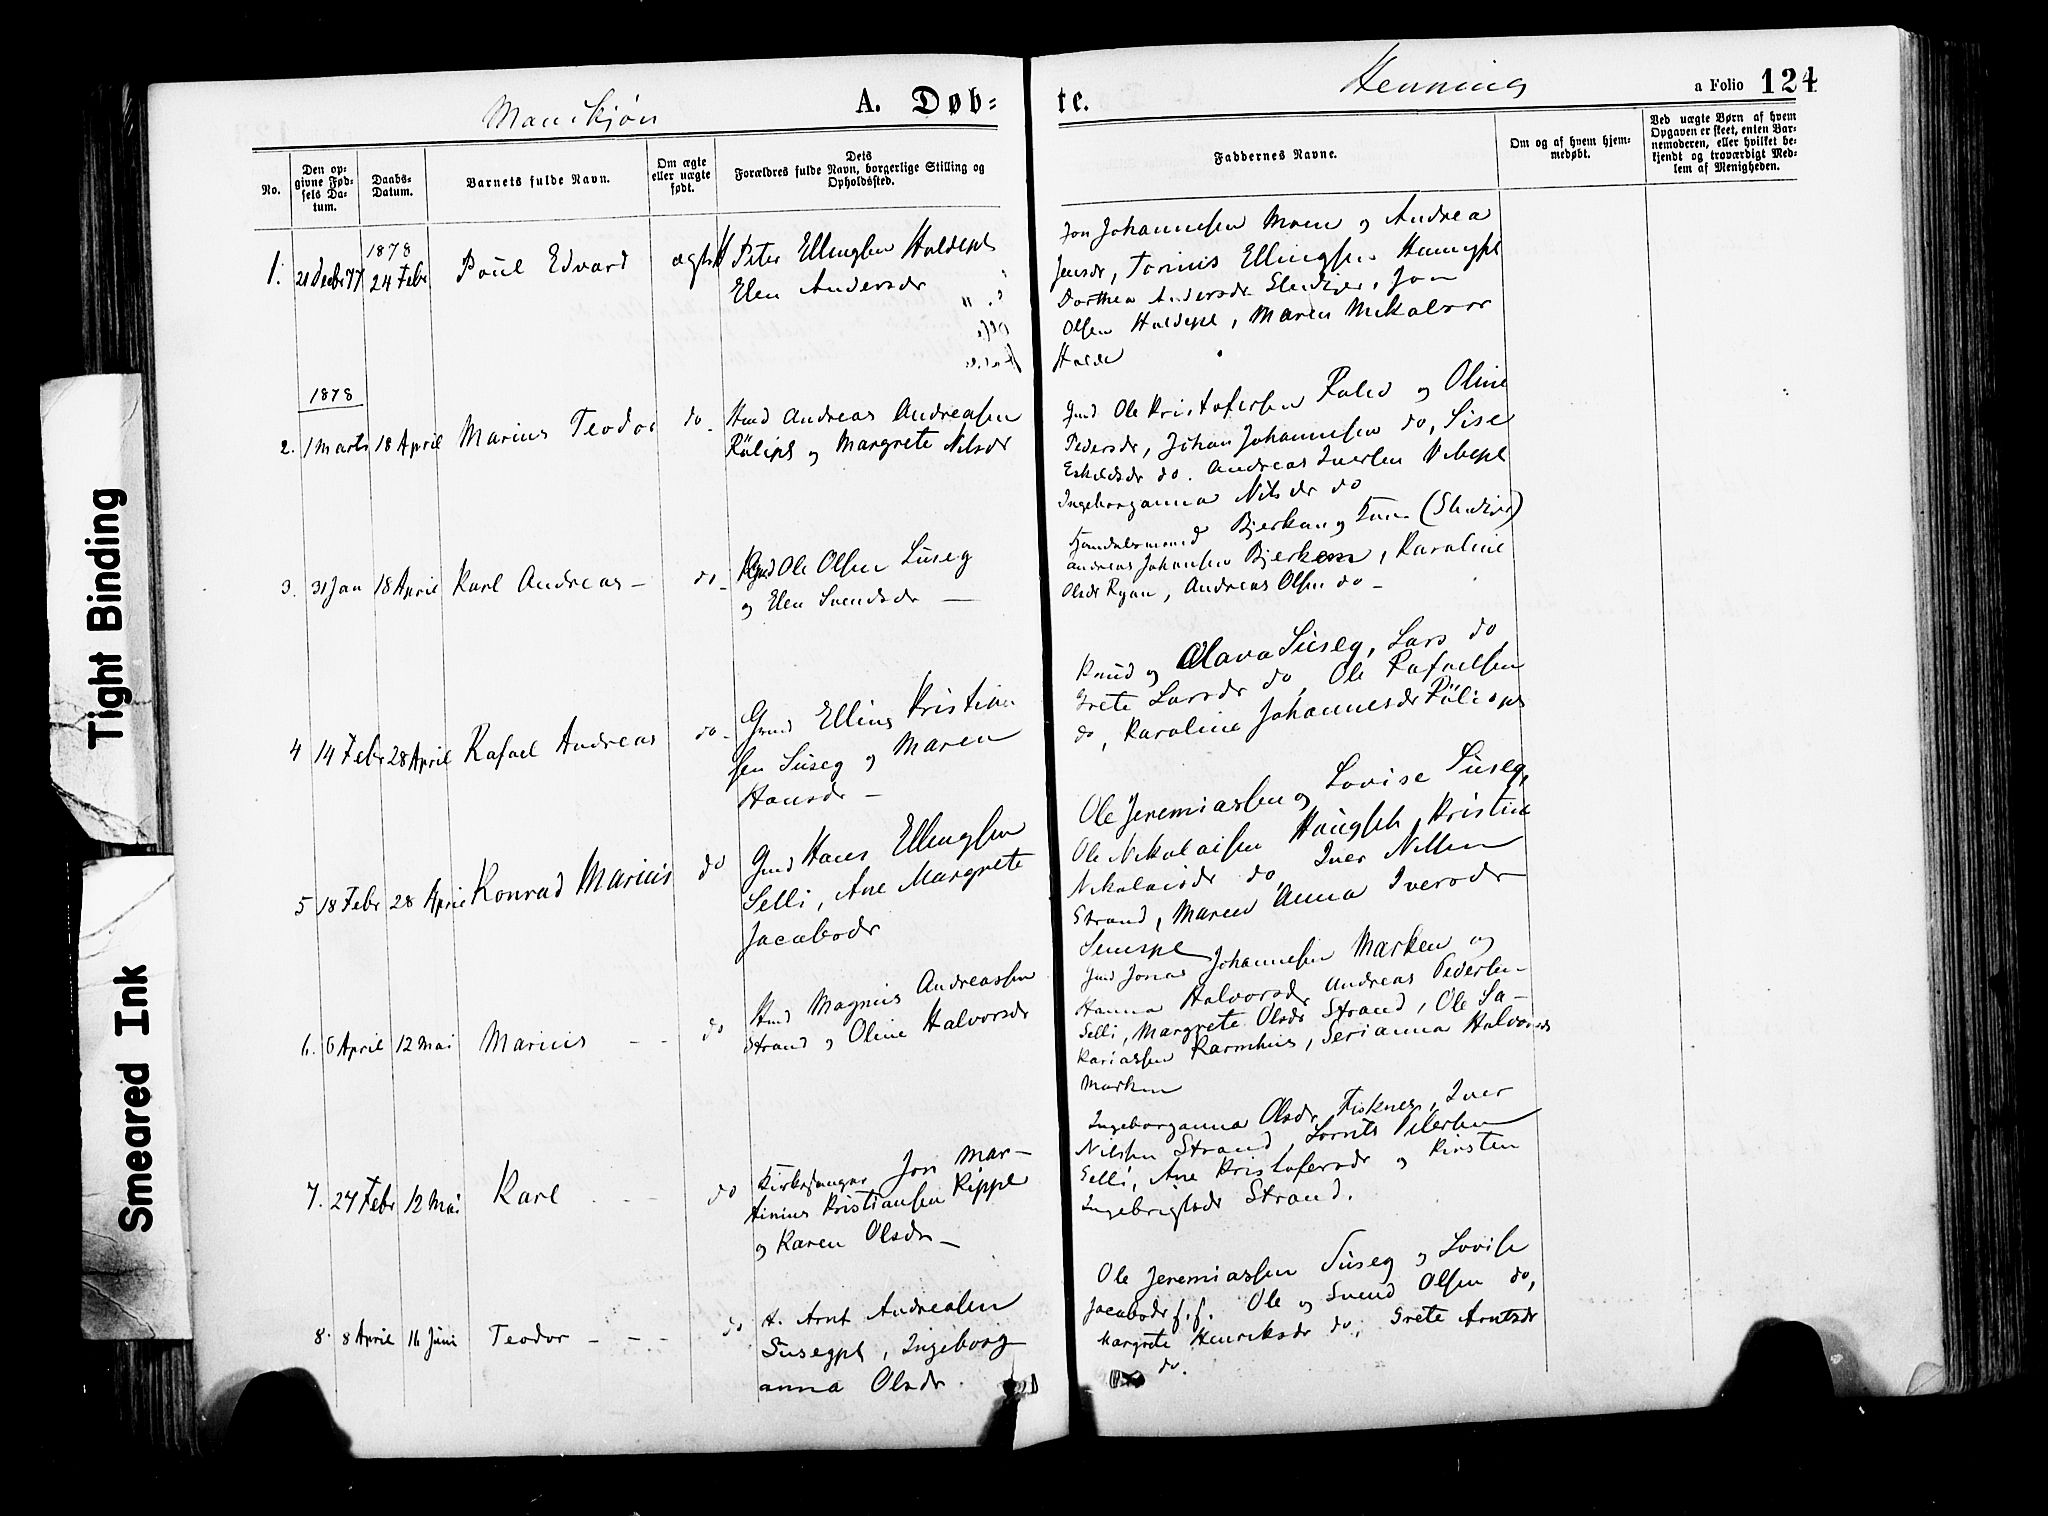 SAT, Ministerialprotokoller, klokkerbøker og fødselsregistre - Nord-Trøndelag, 735/L0348: Ministerialbok nr. 735A09 /3, 1873-1883, s. 124